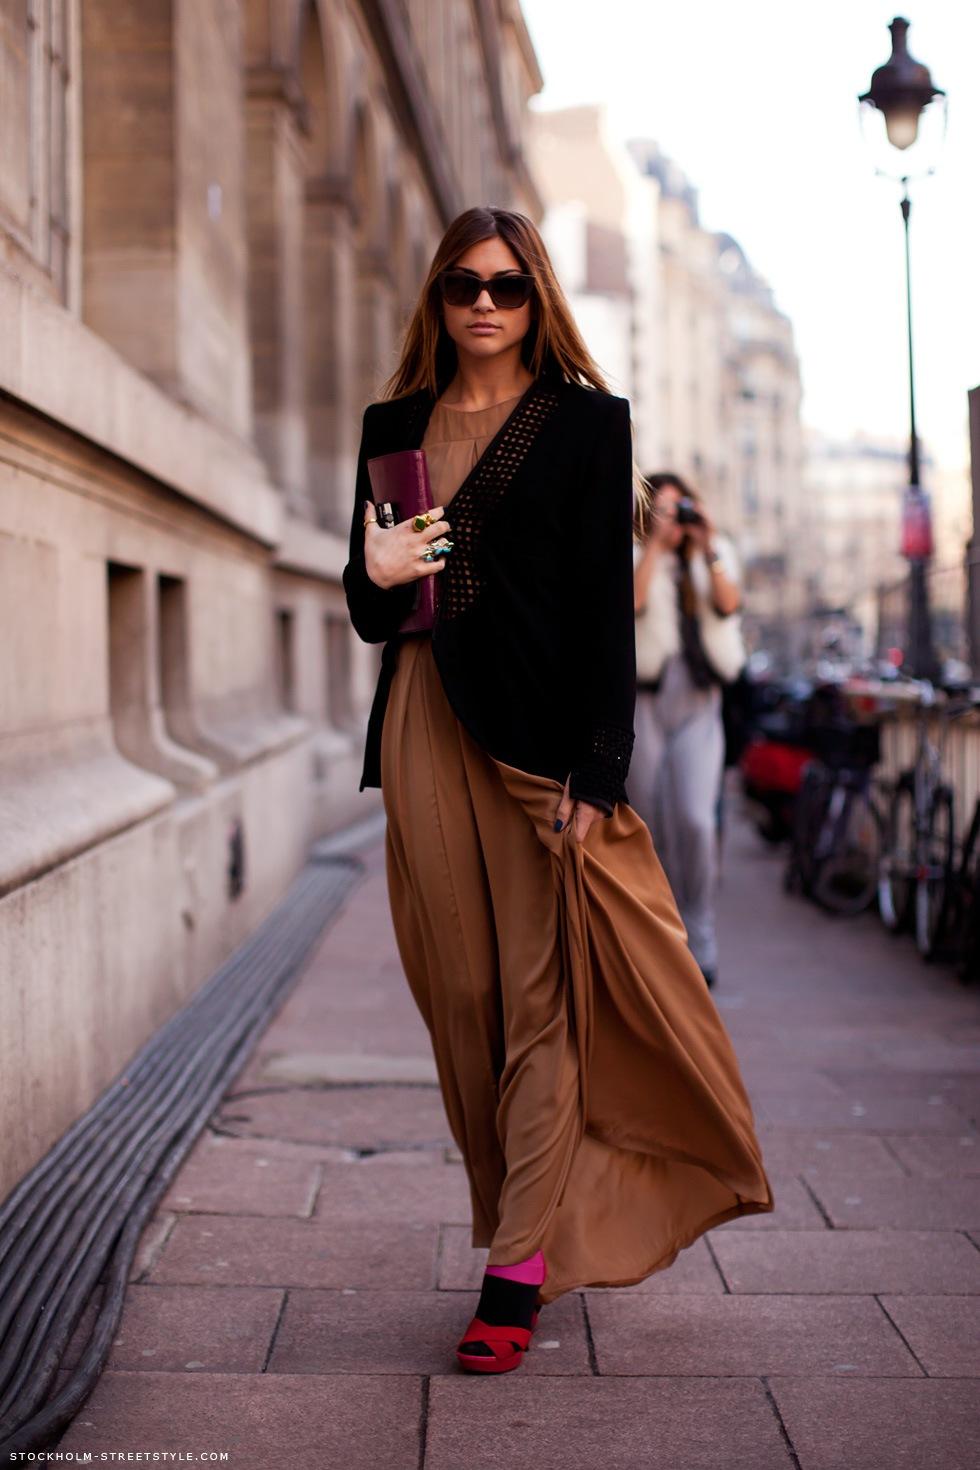 Фото девушек на улице в юбках колготках 22 фотография